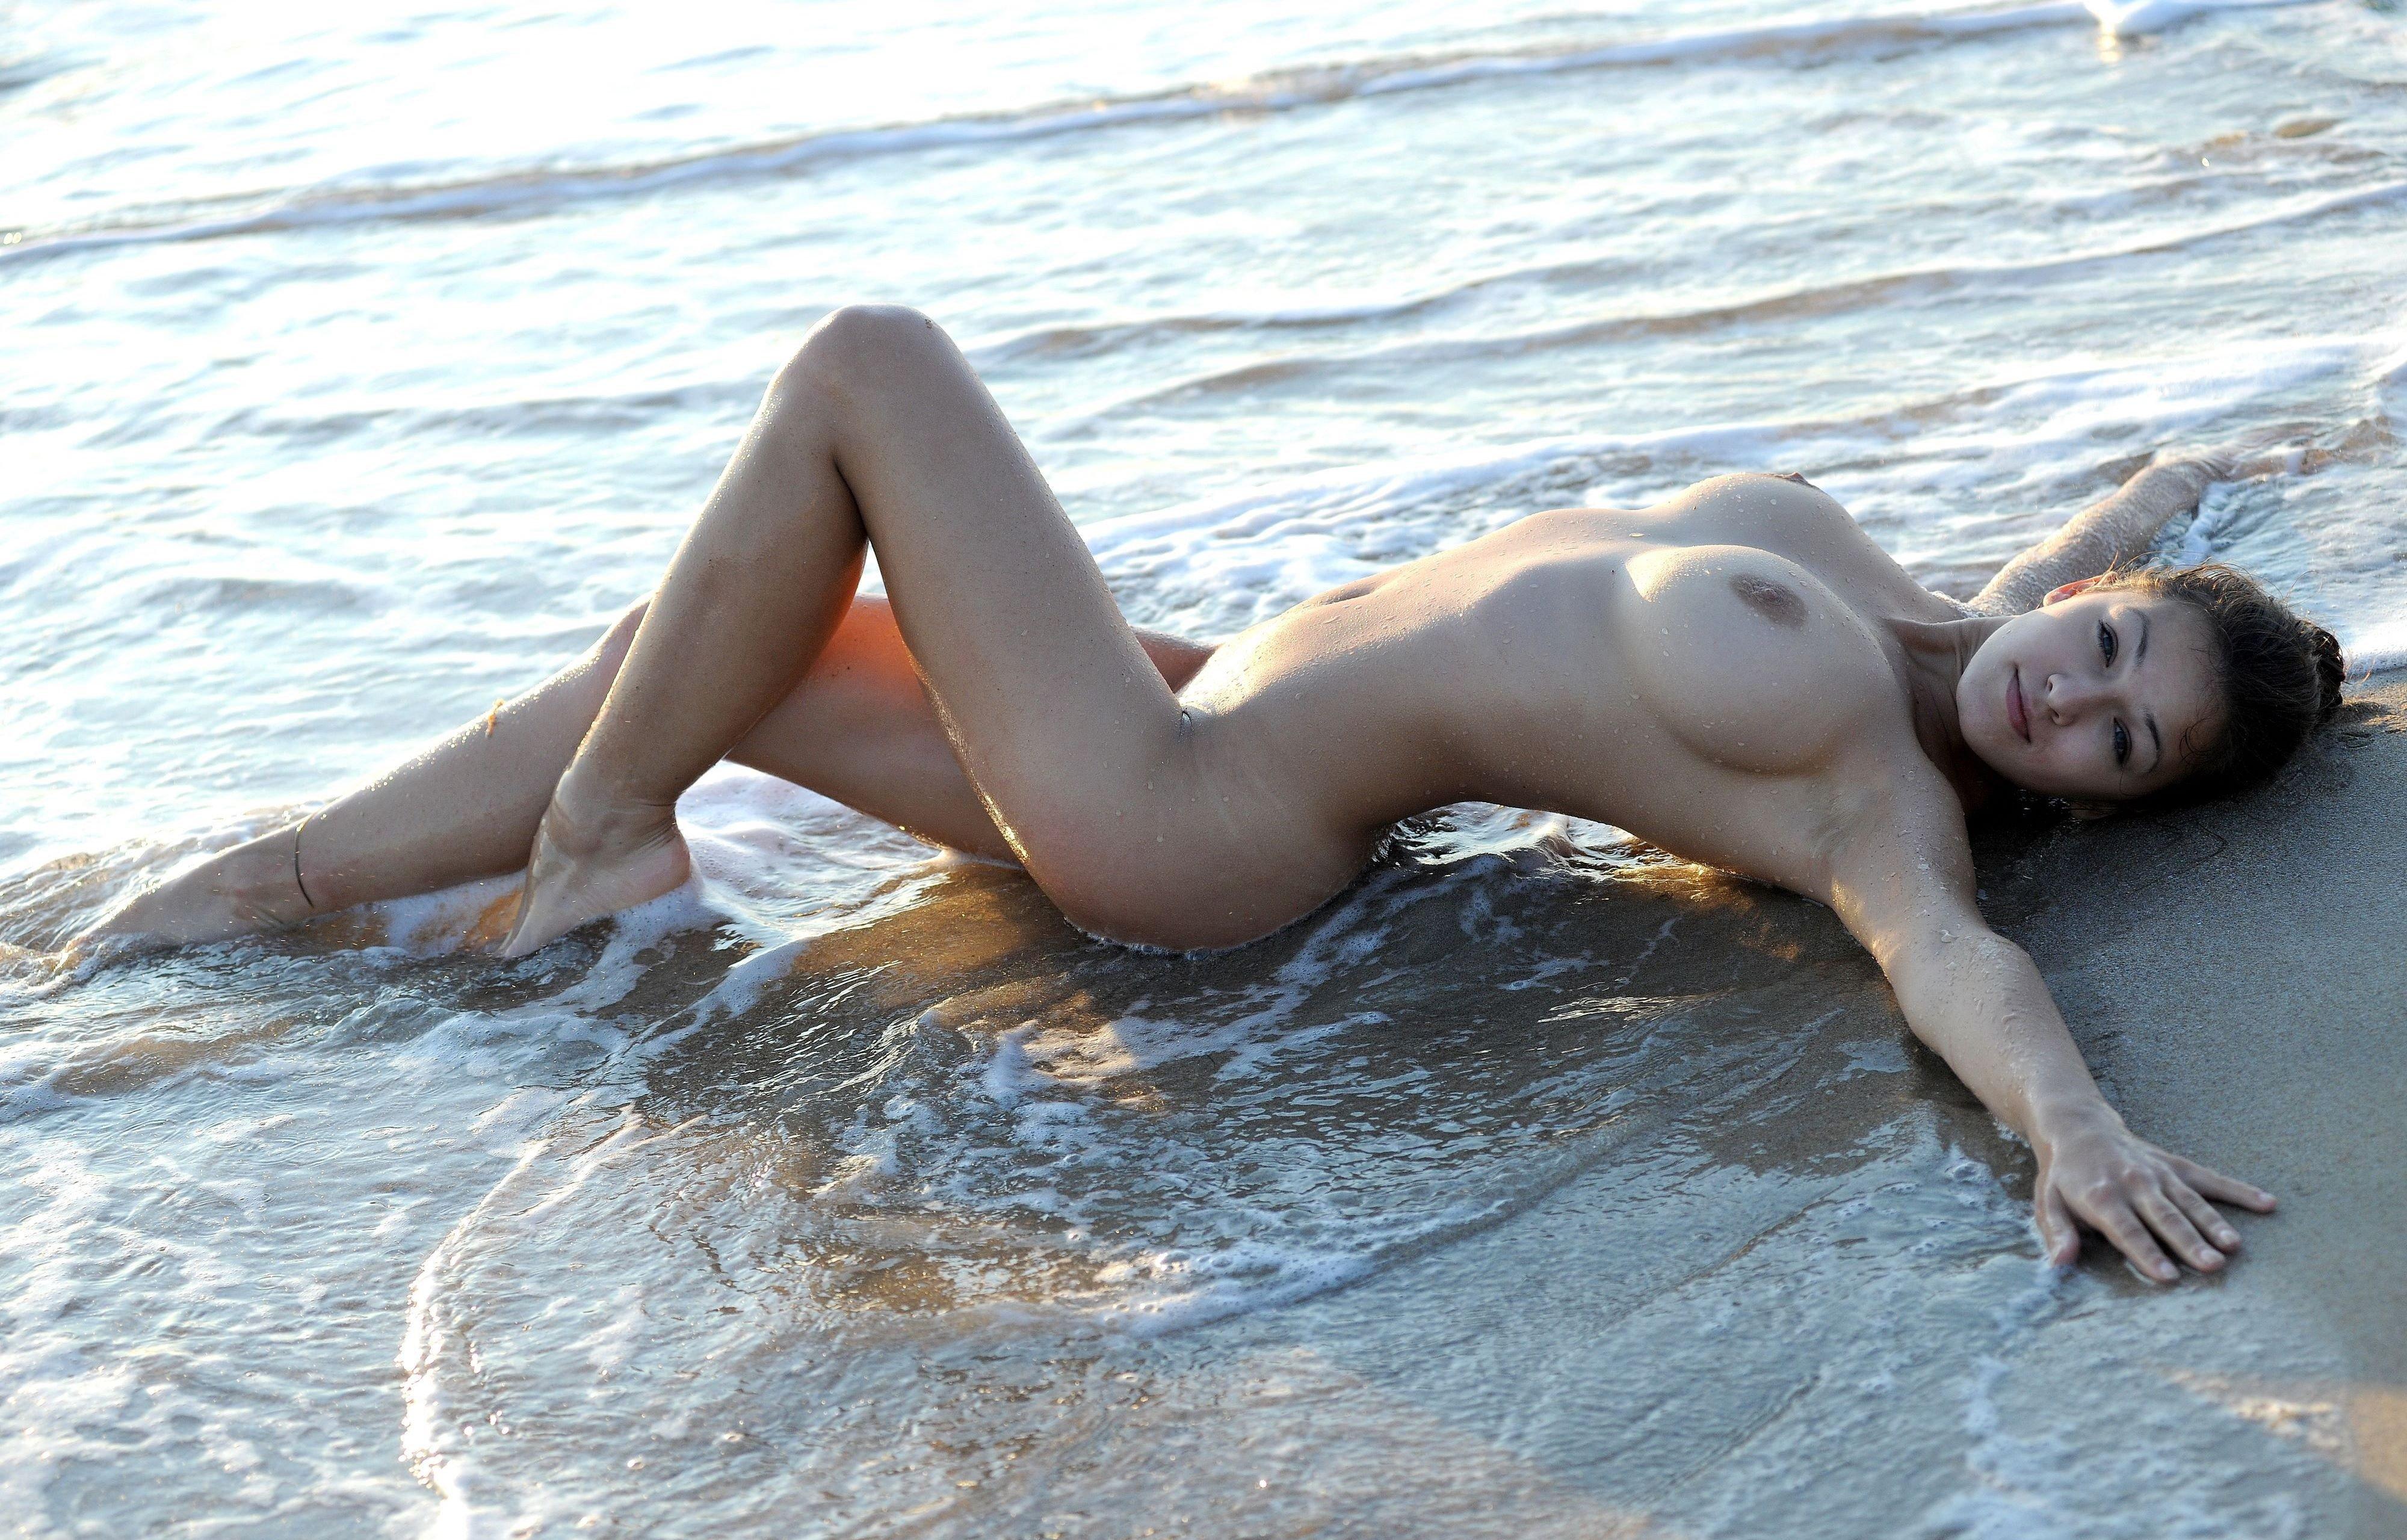 Гибкая девушка раздвигает ноги на пляже